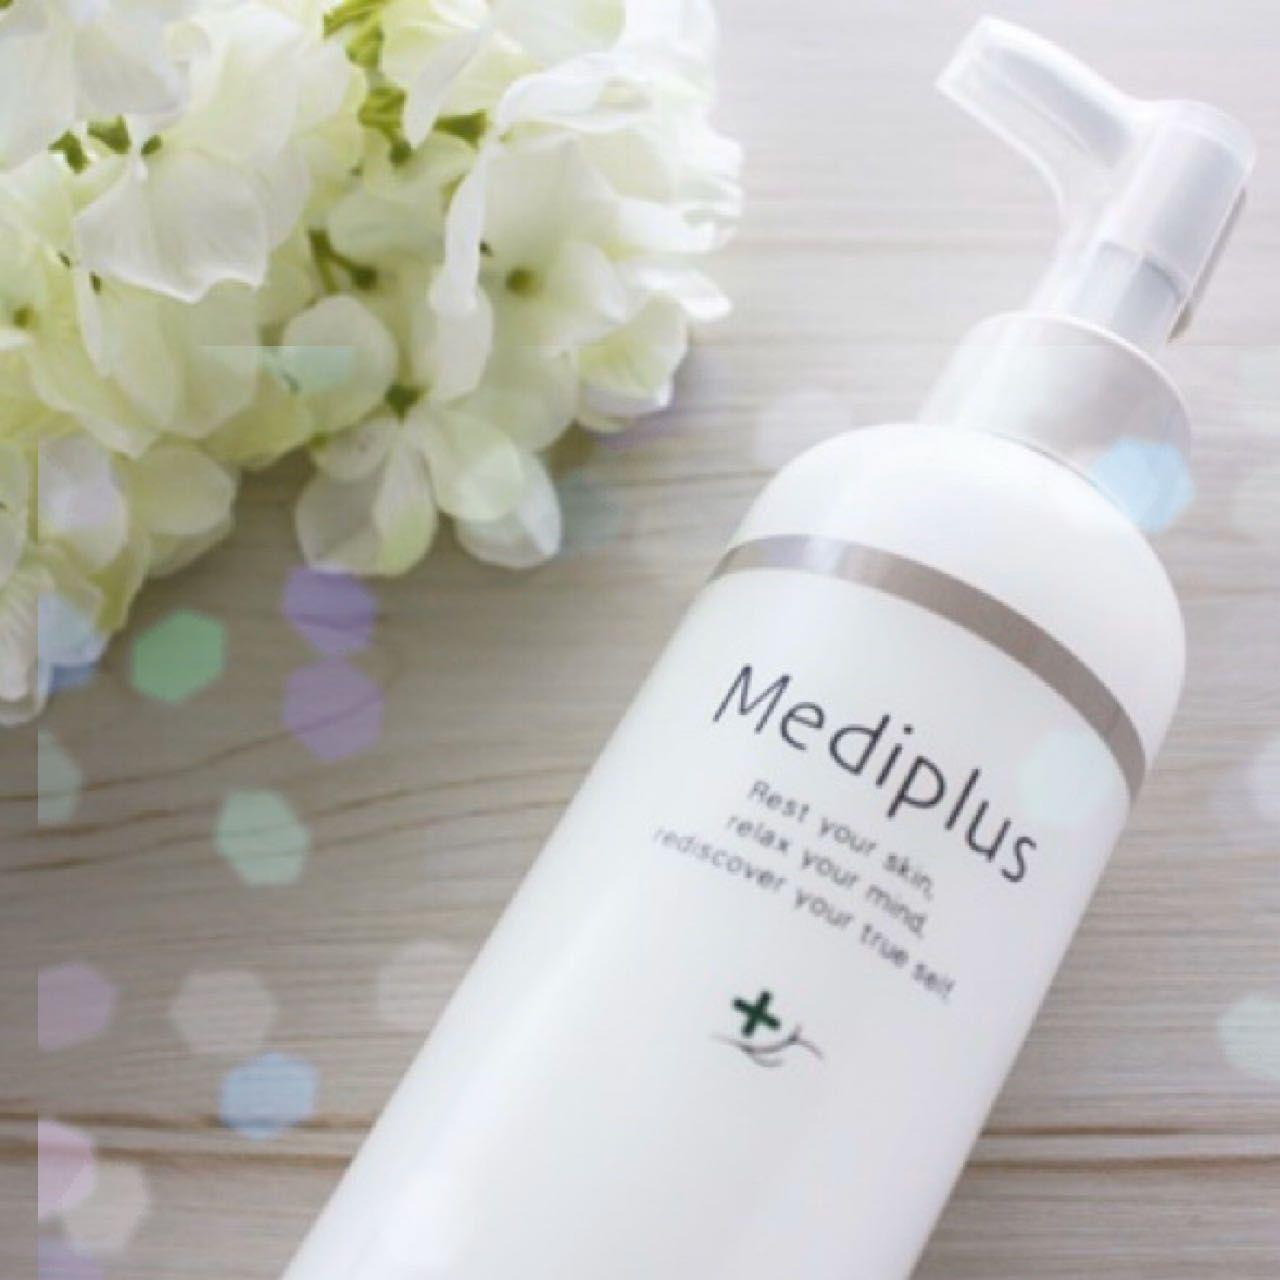 「【新入荷】オールインワンジェル★ Mediplus+」の写真